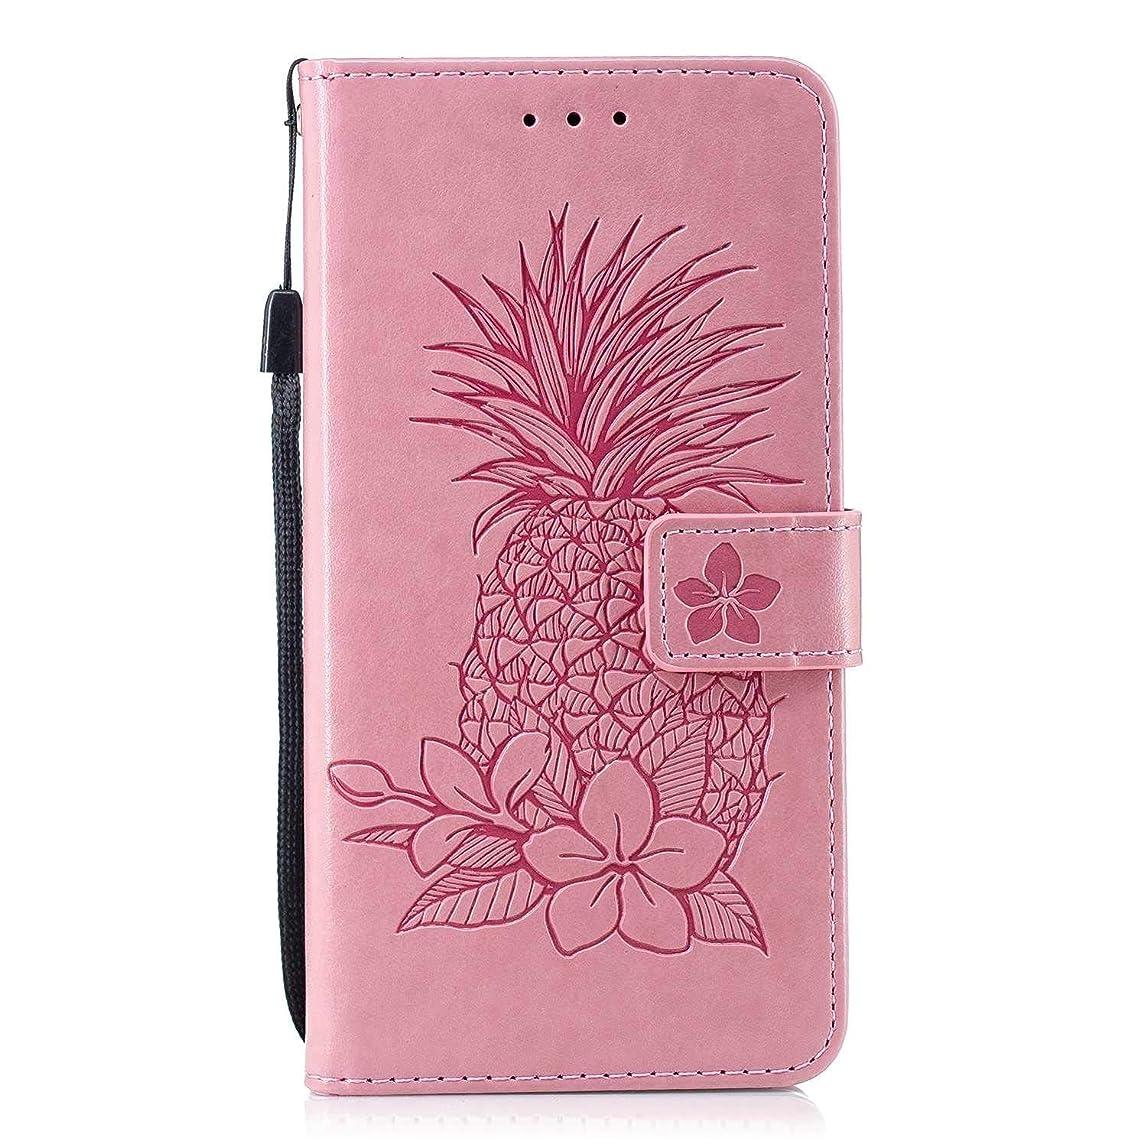 返還錆びの間でCUSKING Xiaomi Redmi Note 4 対応 スマホ ケース, 高級 PUレザー 手帳ケース, Xiaomi Redmi Note 4 衝撃吸収 保護ケース 財布型 ケース スタンド機能 カード ポケット付き, ピンク